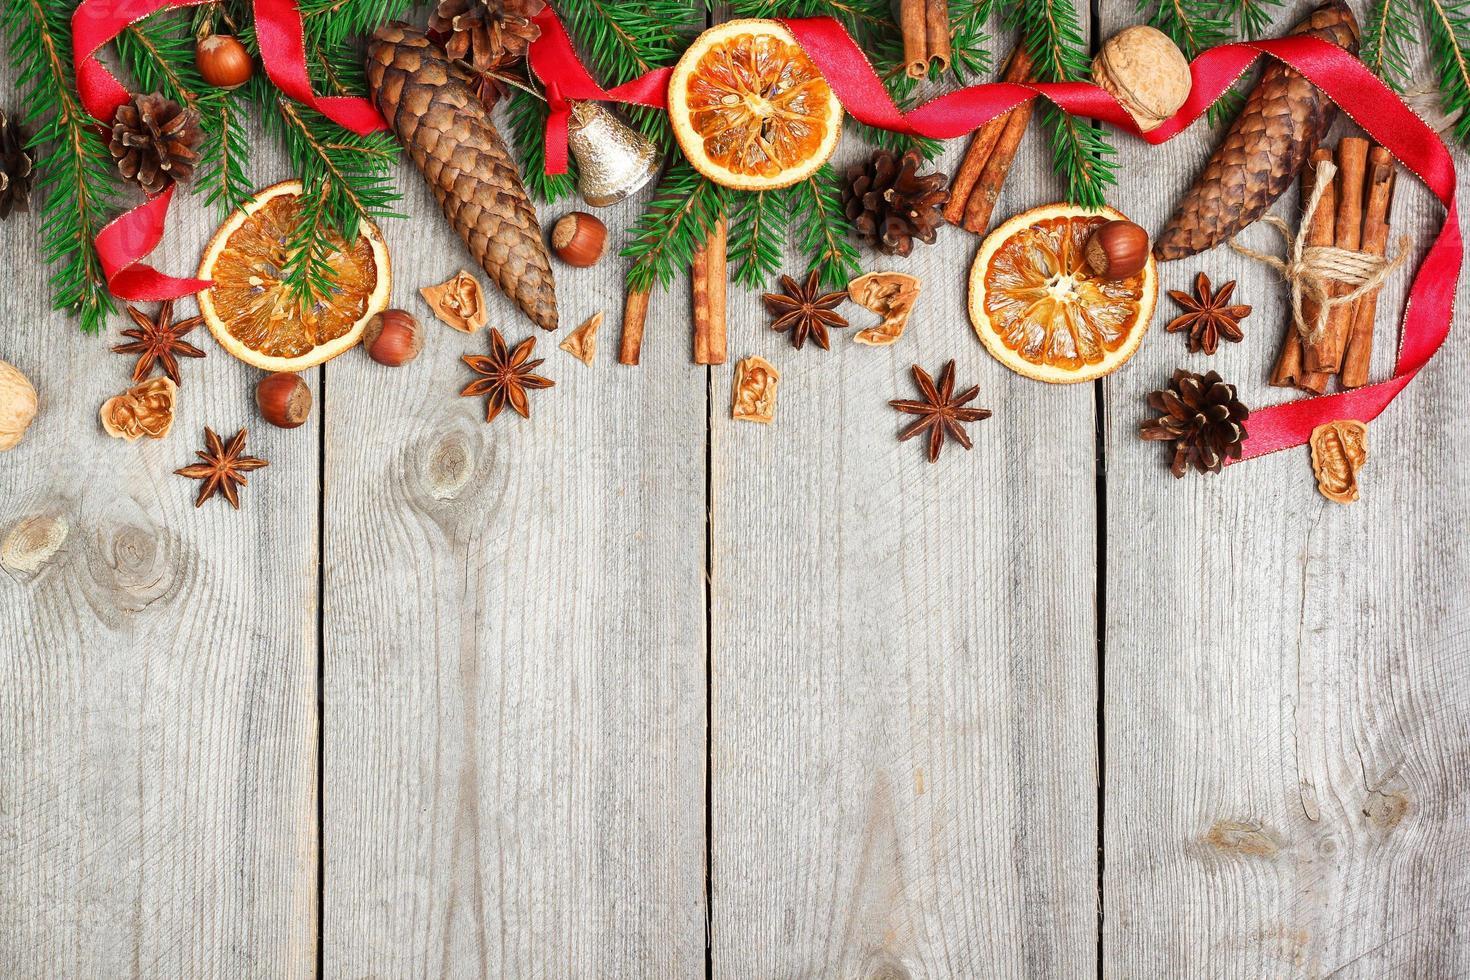 Weihnachtsdekoration mit Tannenbaum, Orangen, Zapfen, Gewürzen foto